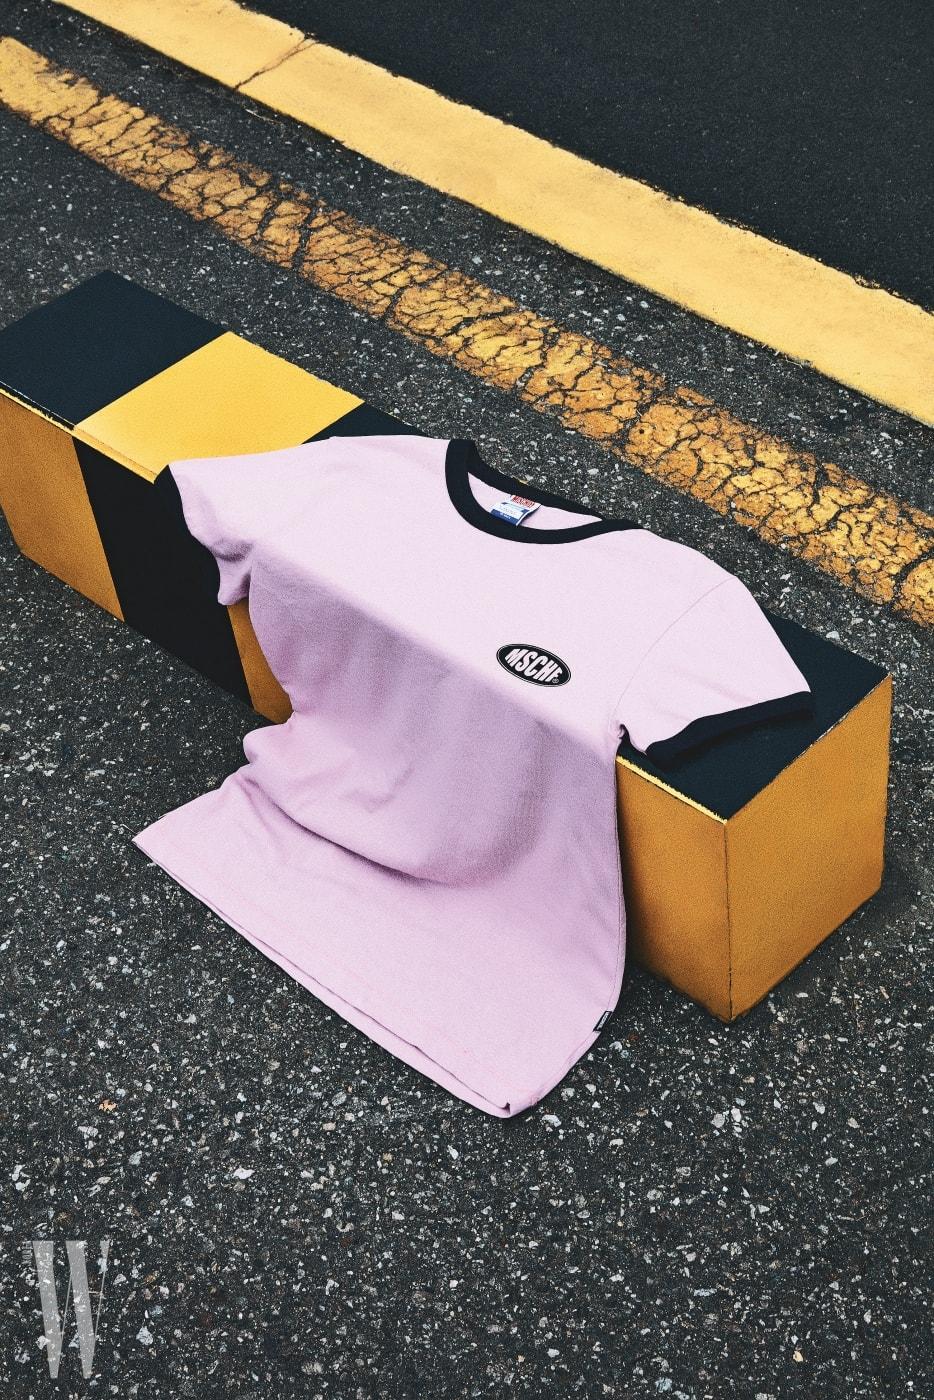 3 진파랑의 라운드 넥과 작은 로고가 조화로운 분홍빛 티셔츠는 미스치프 제품. 3만8천원.